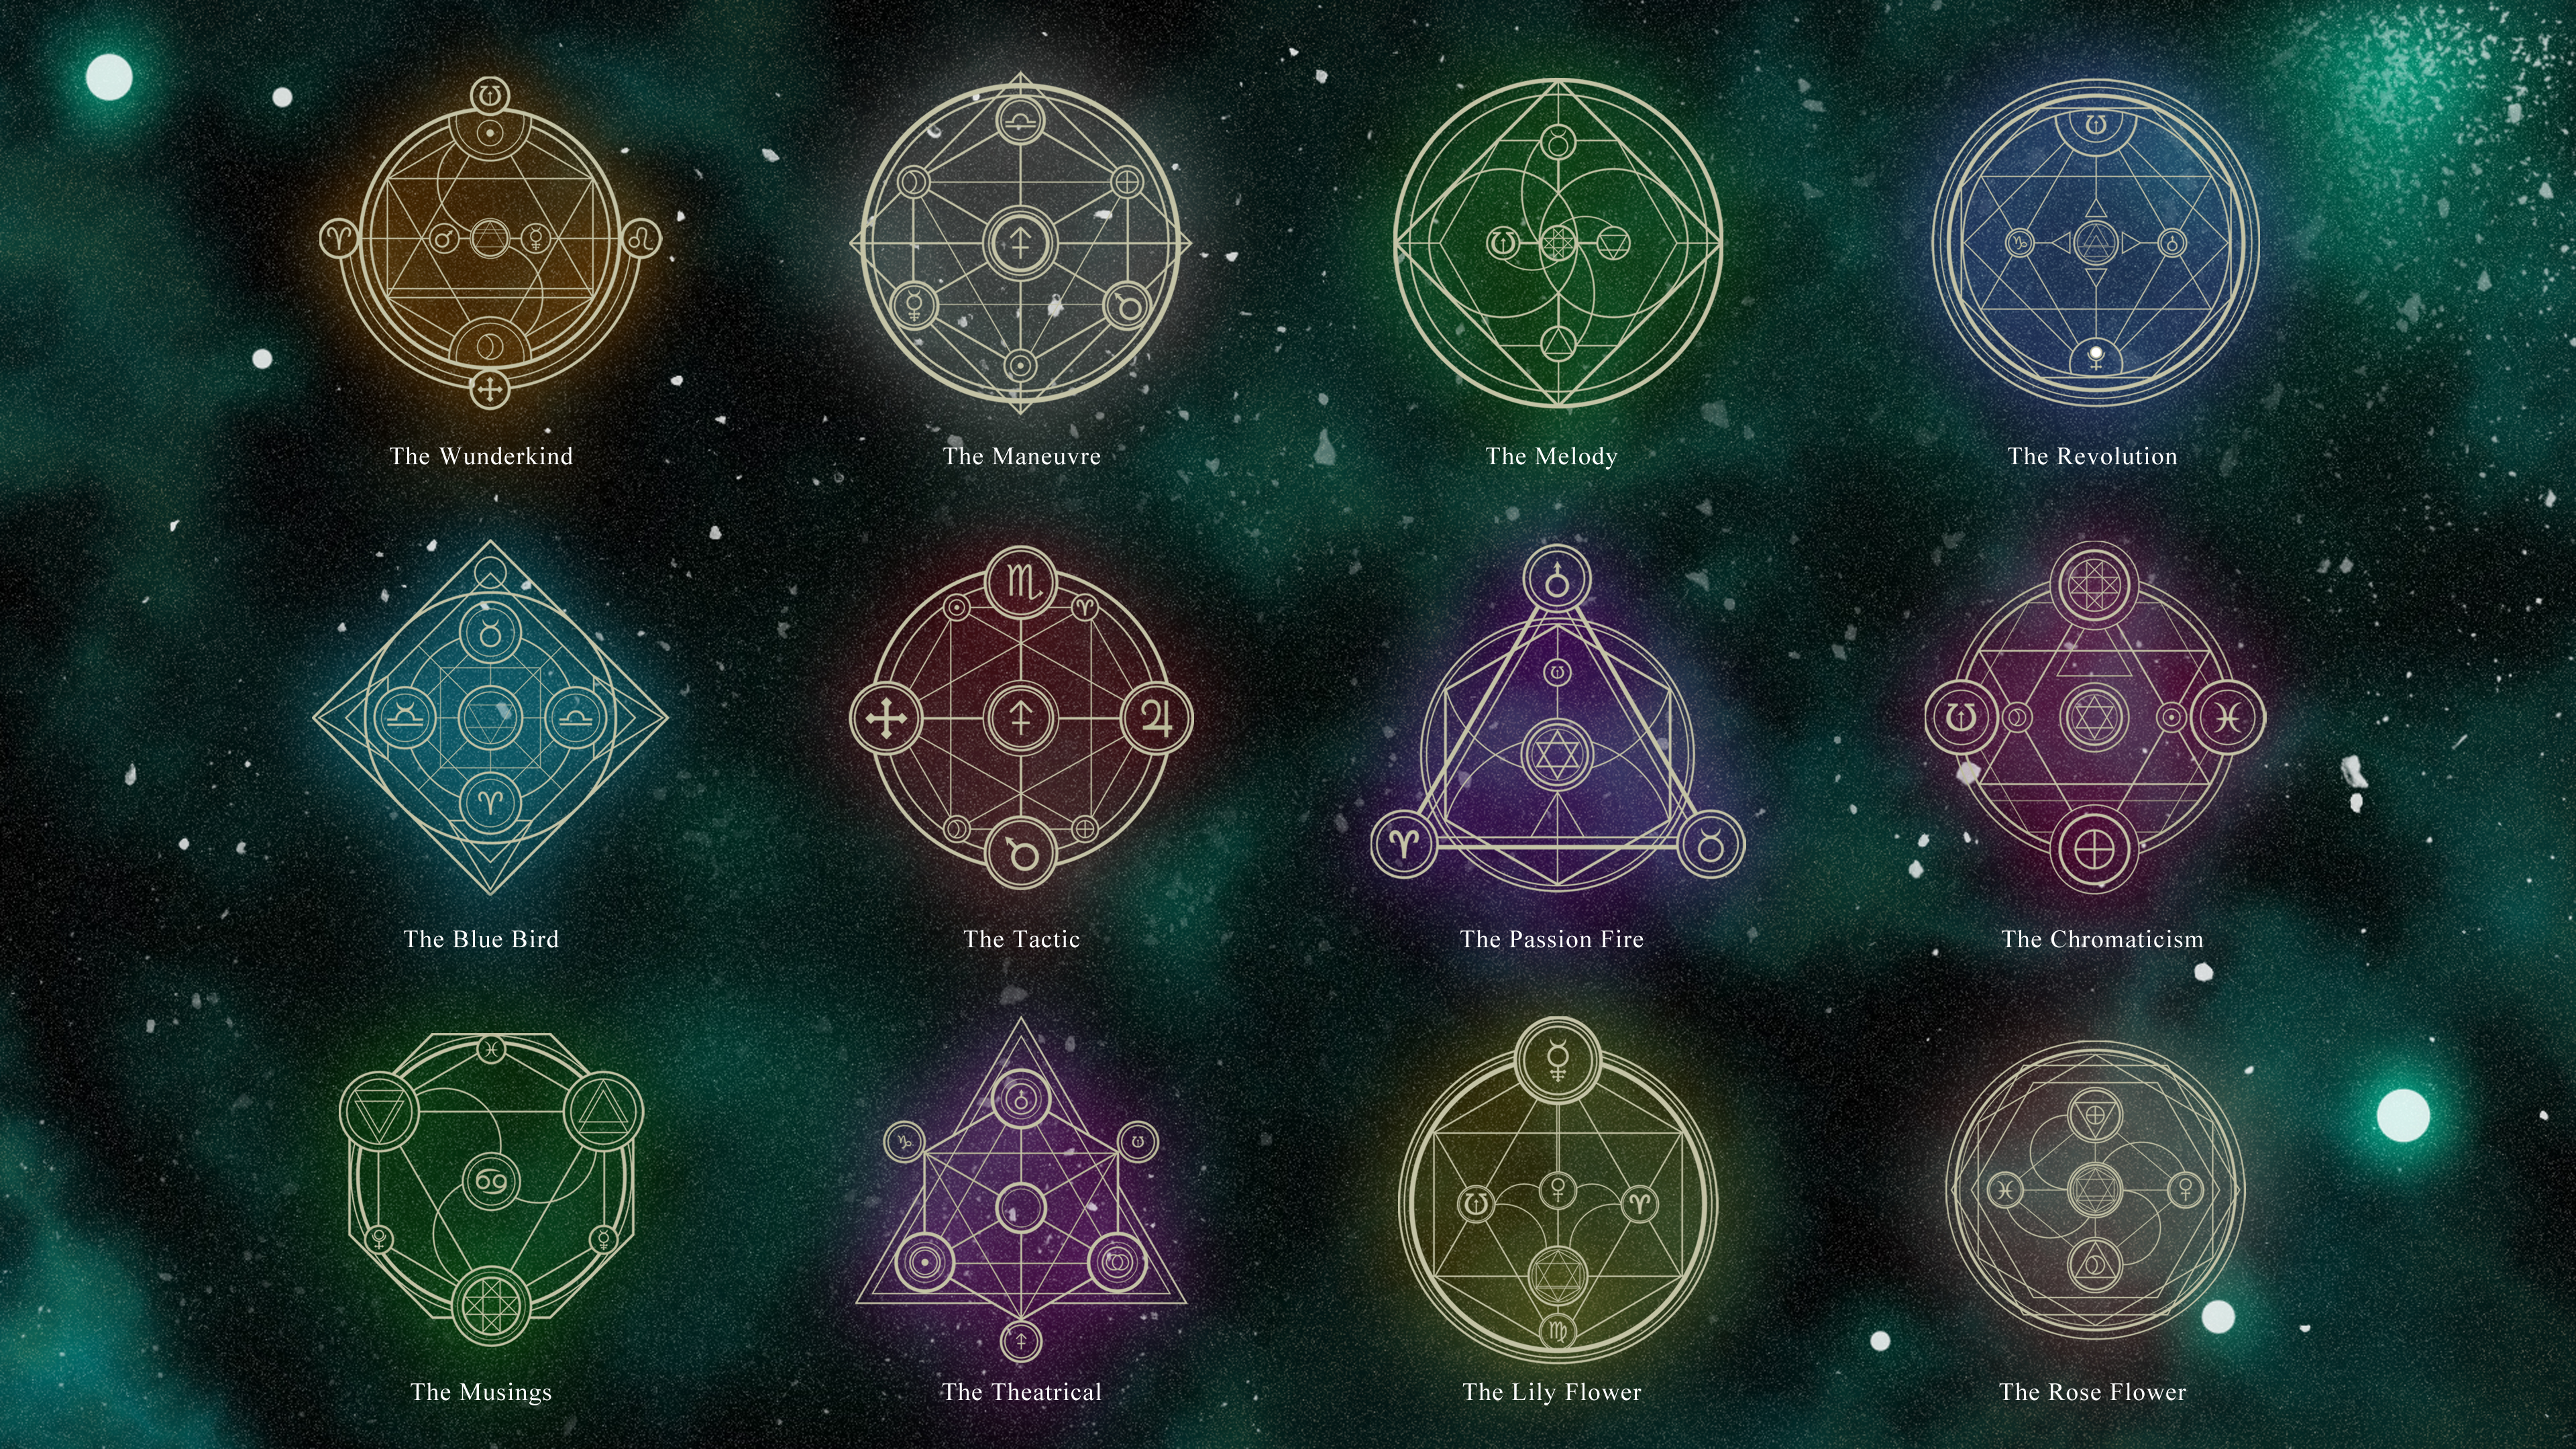 Alchemy 2 by Ennoea 3840x2160